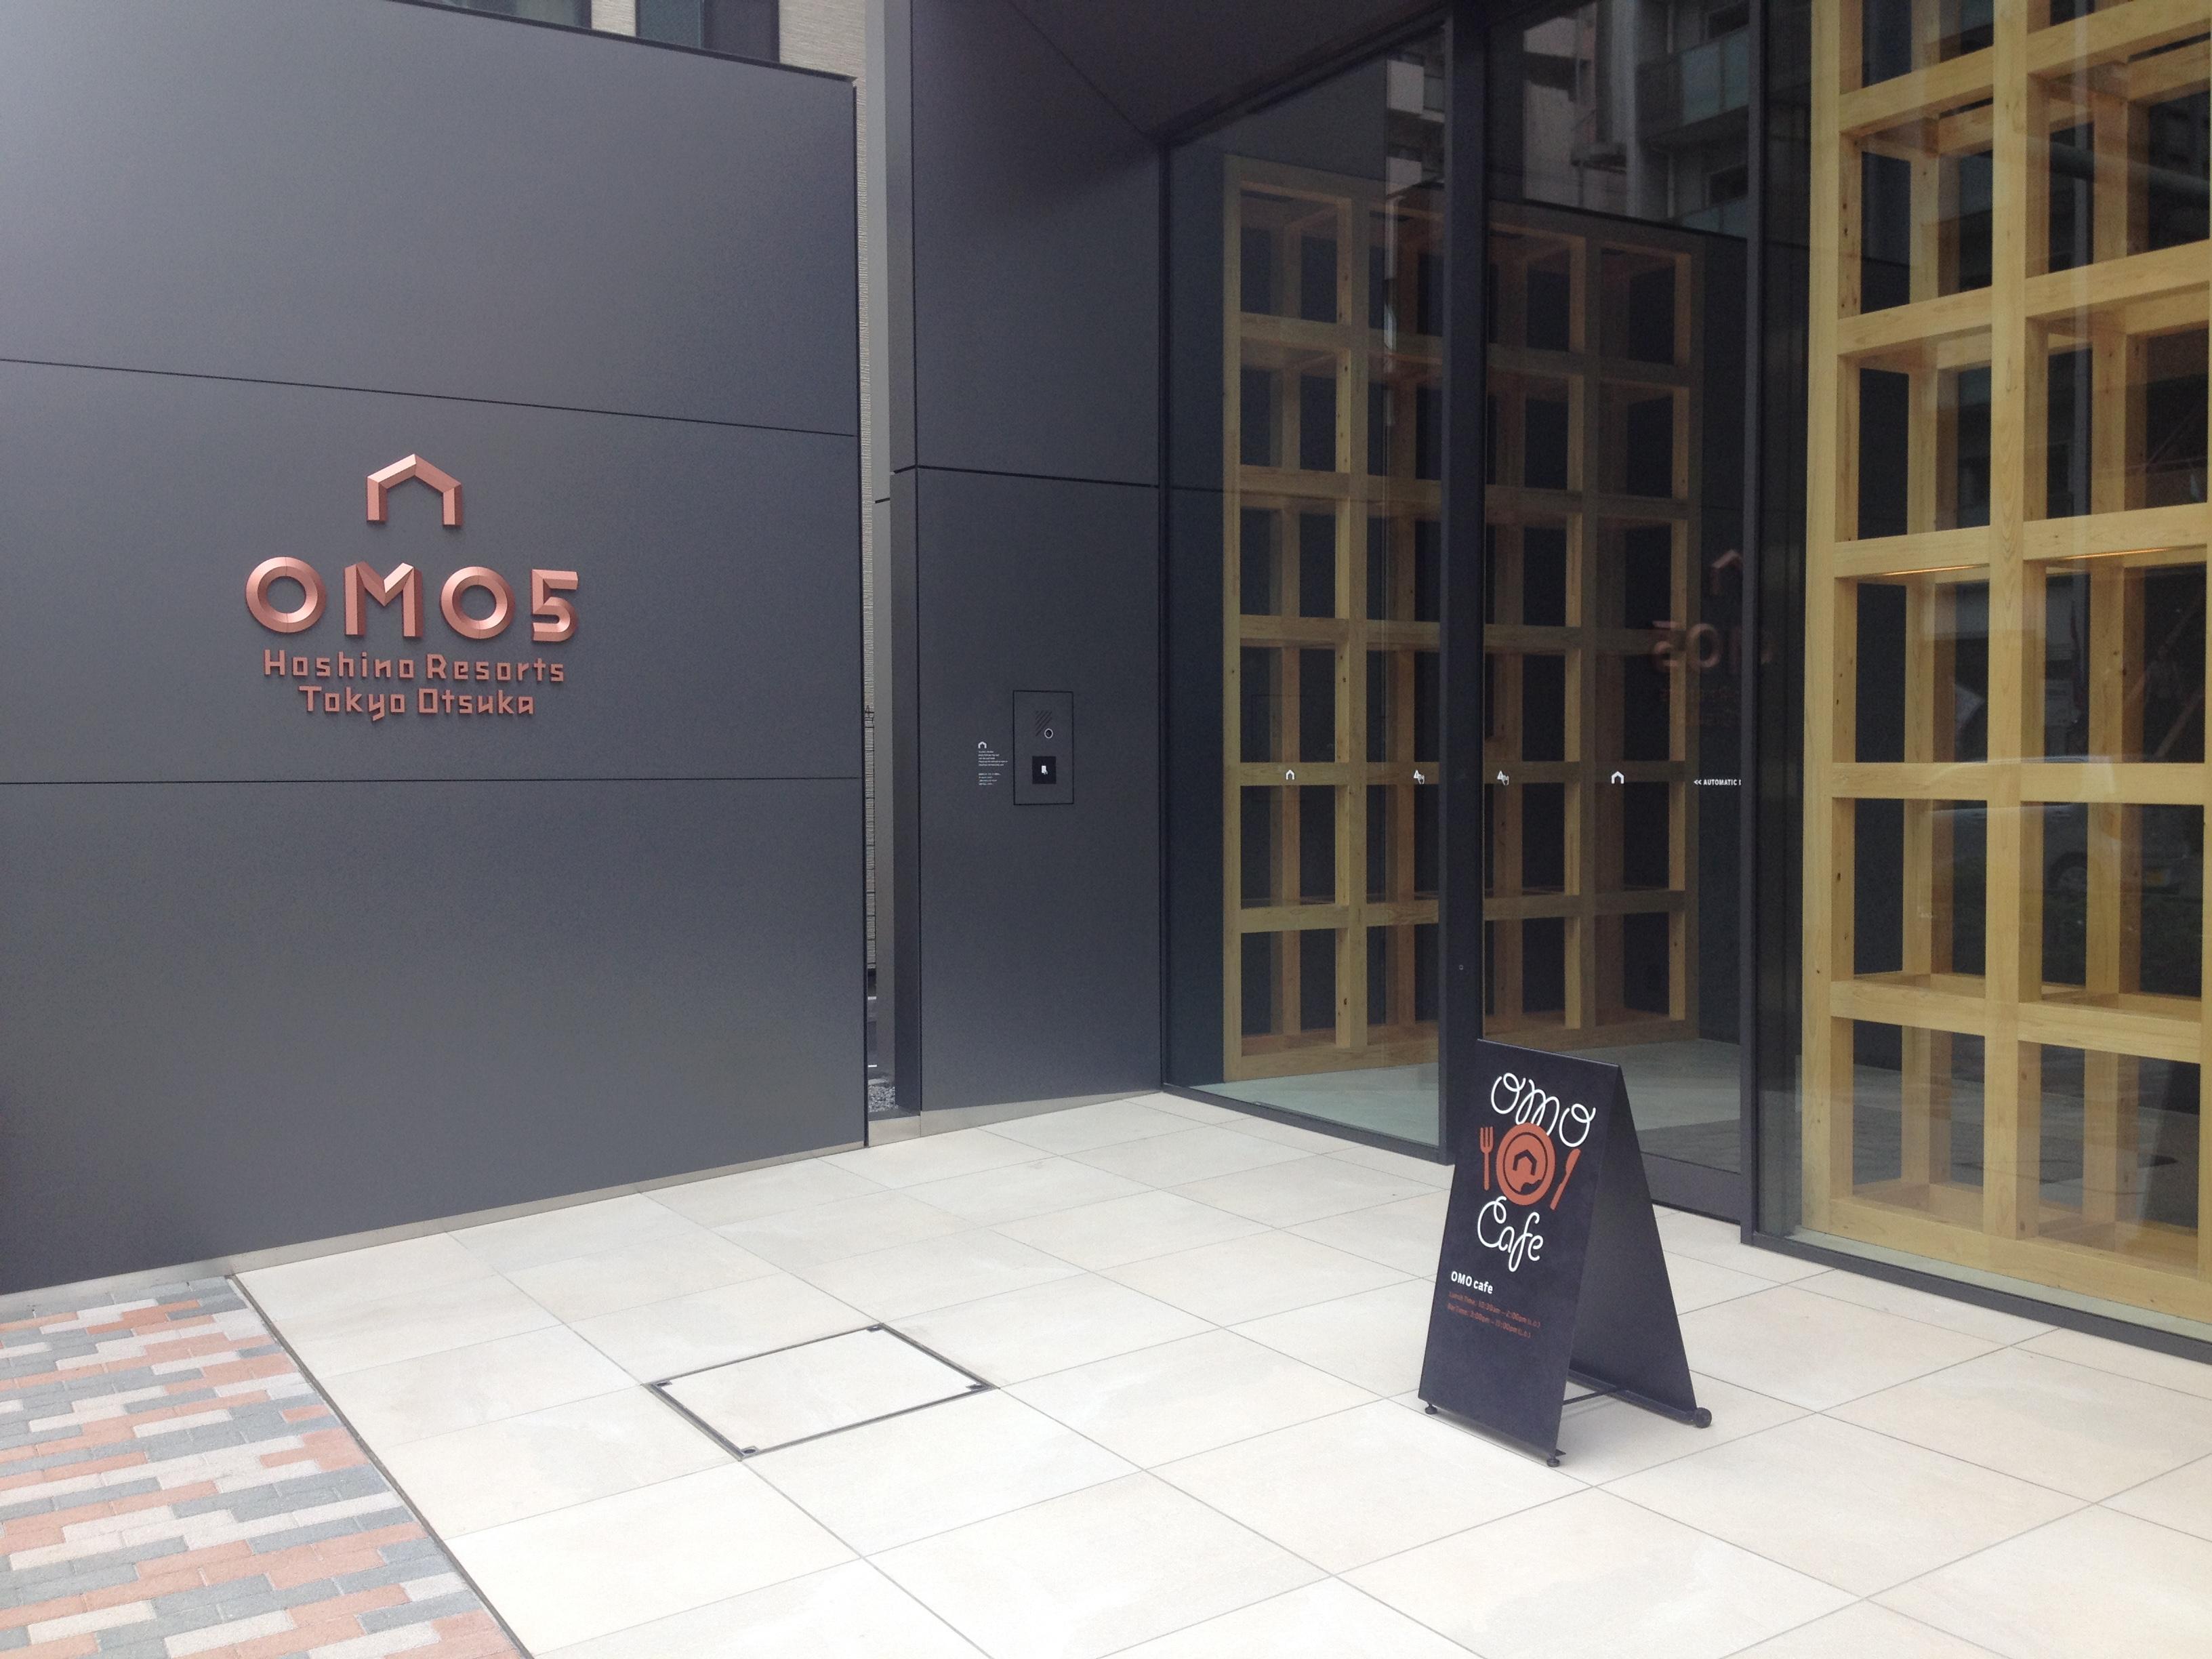 大塚のOMO5に泊まってみた感想!客室の雰囲気や朝食レビューも!